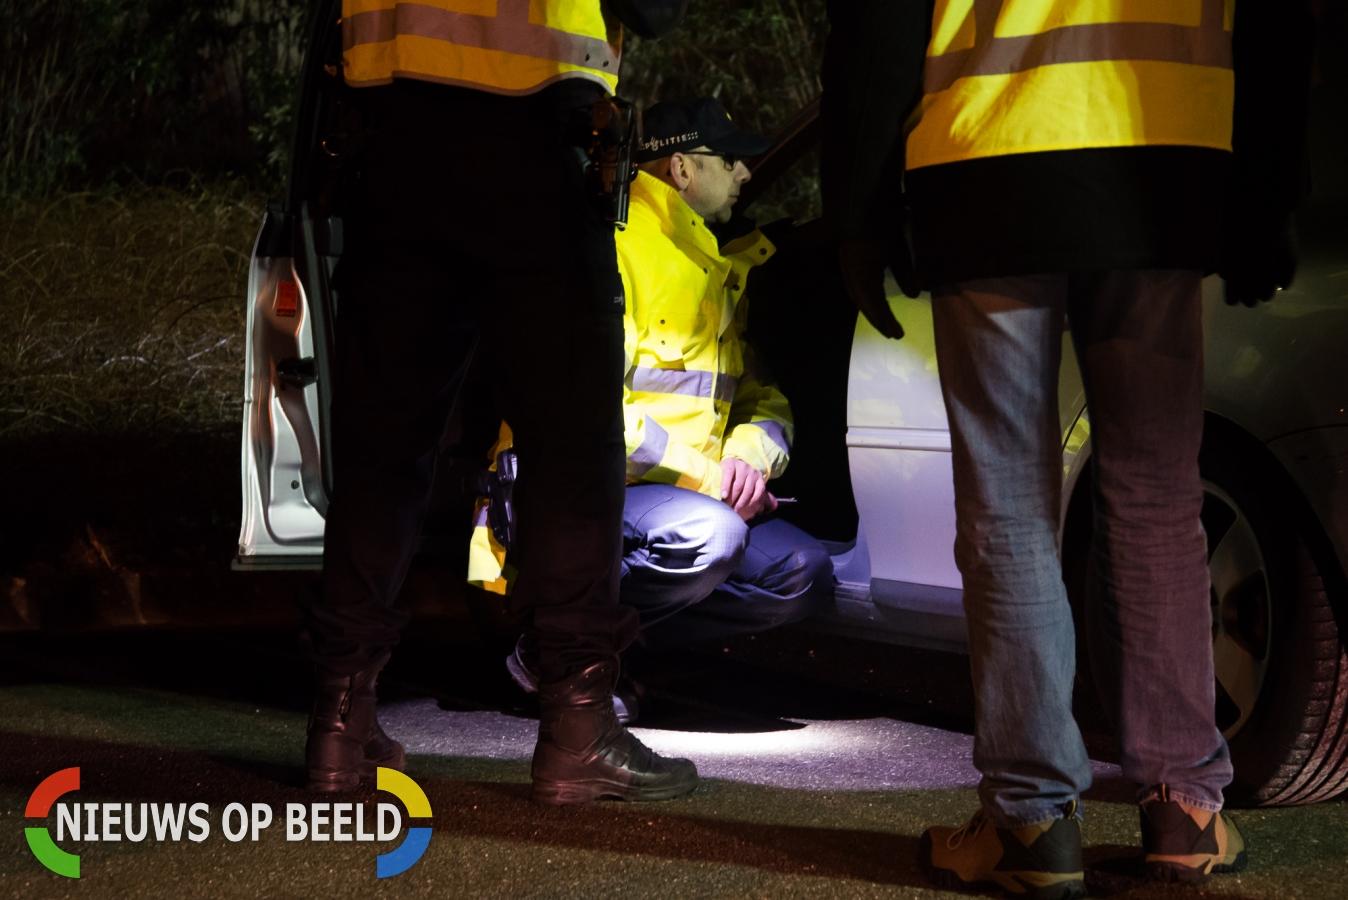 Politie en belastingdienst houden grootschalige verkeerscontrole A29 Numansdorp